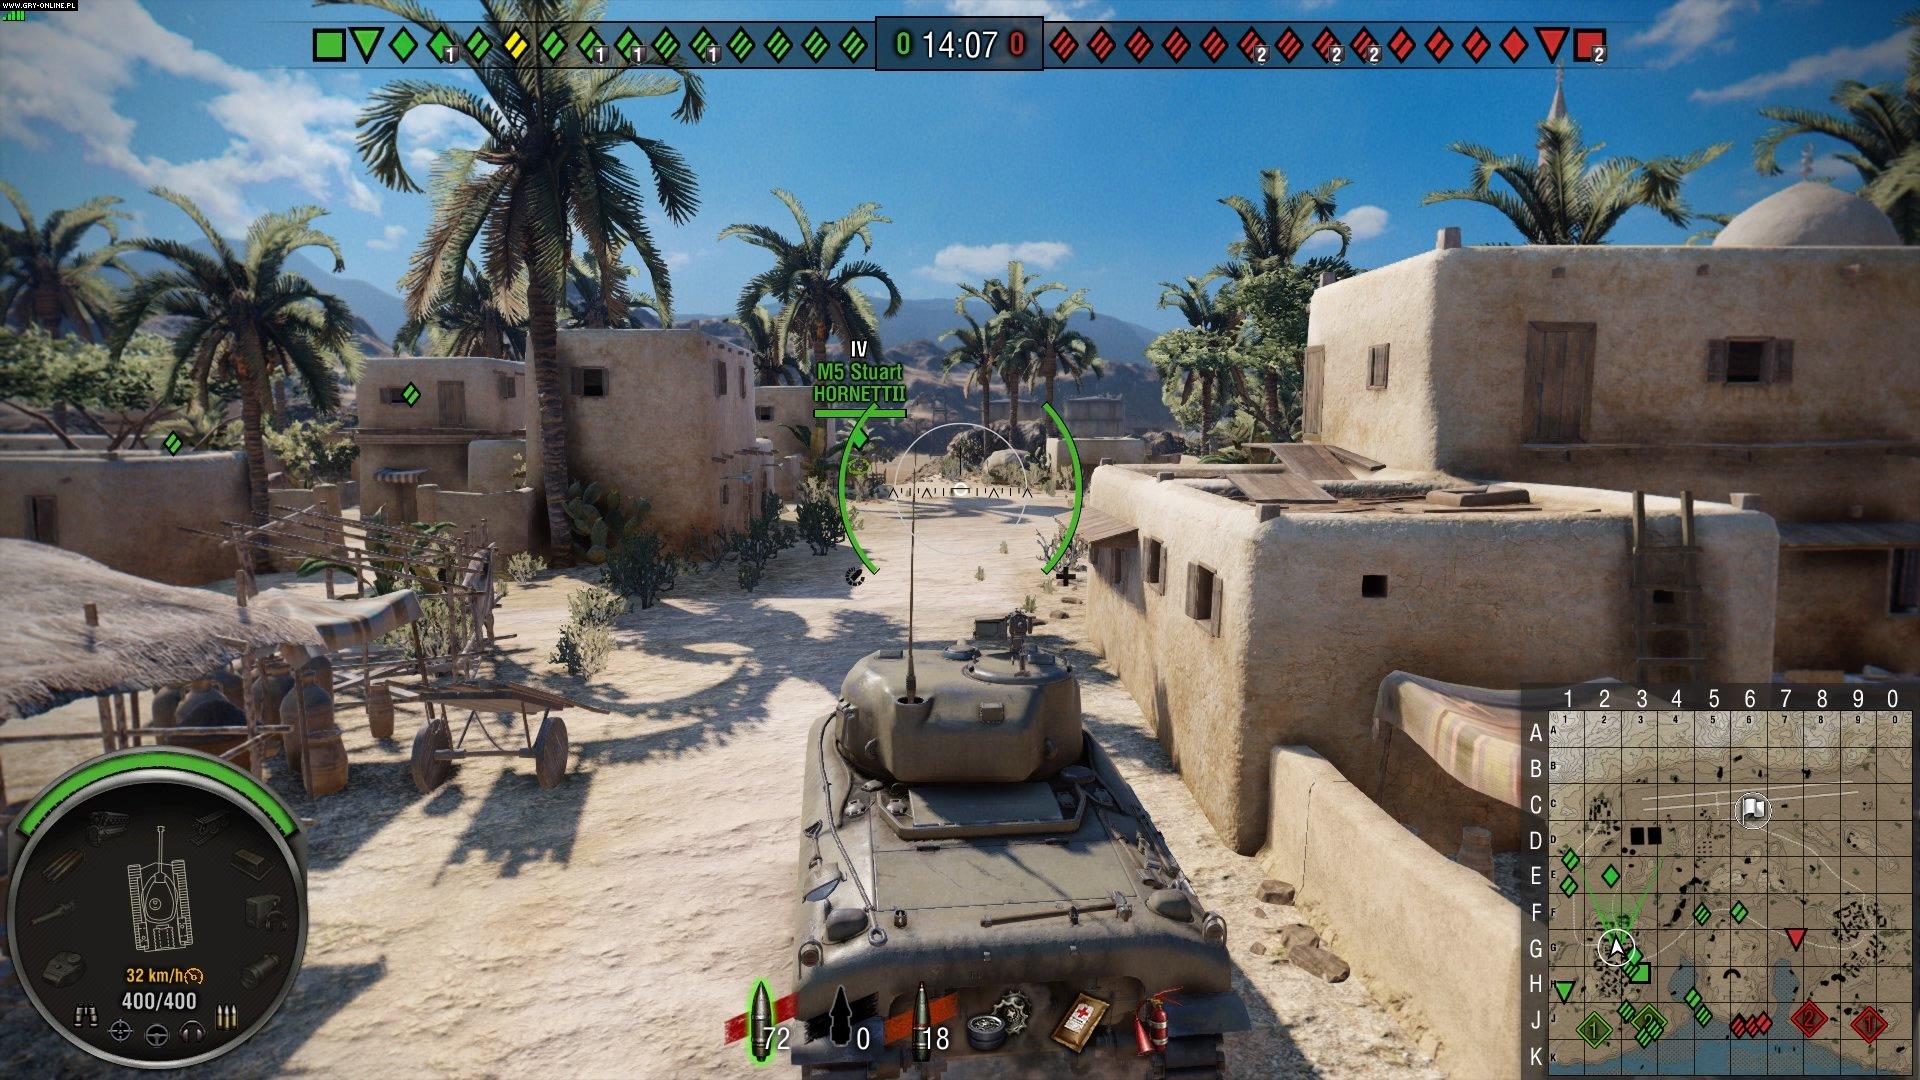 Recenzja gry World of Tanks na PlayStation 4 – konsolowym